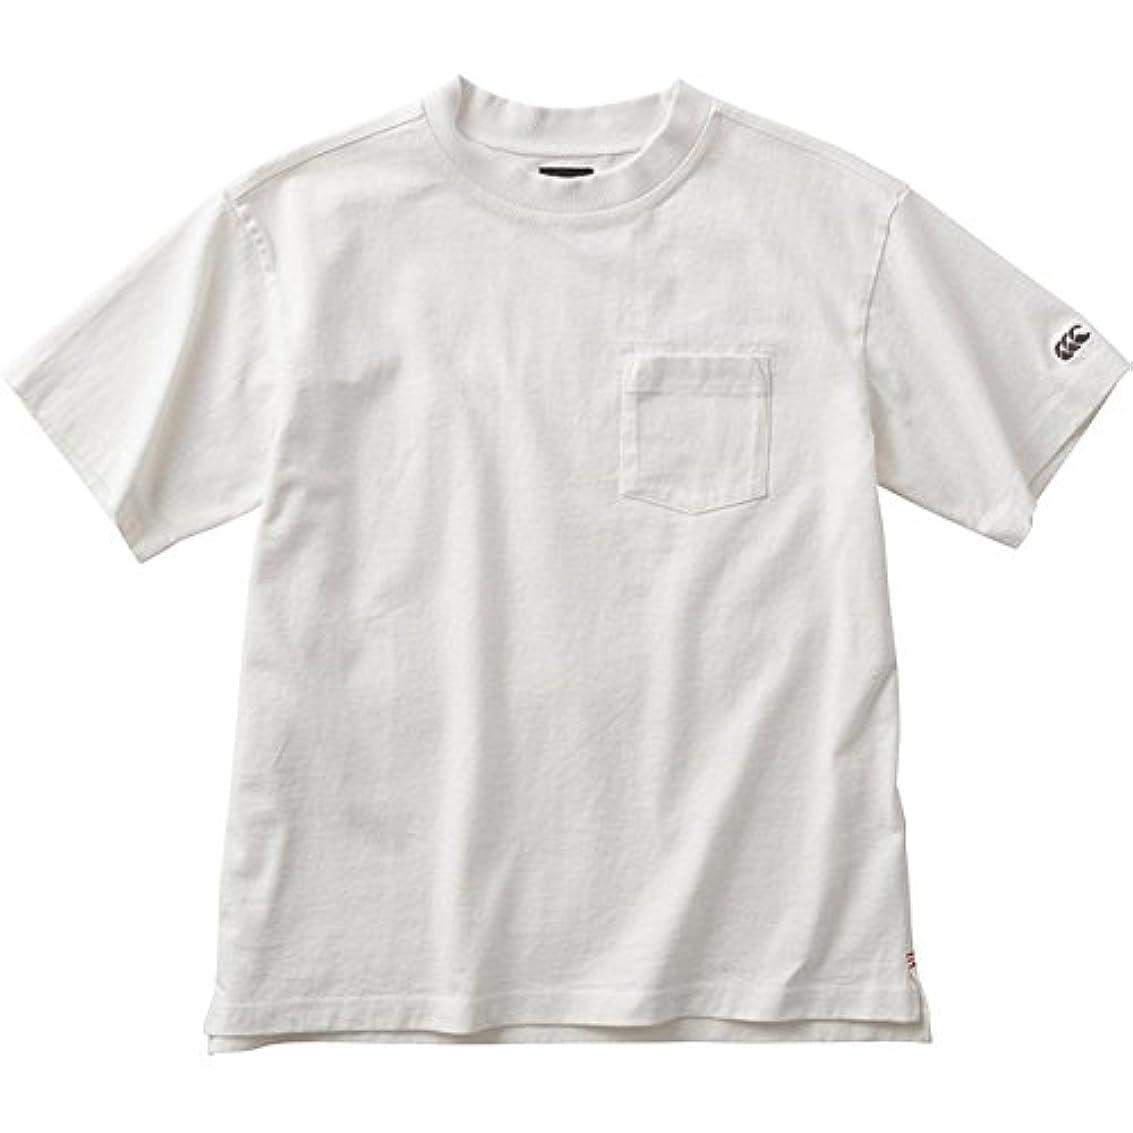 スパークパワーハンカチ[カンタベリー] メンズ ショートスリーブ ヘビー Tシャツ オフホワイト RA38136 11